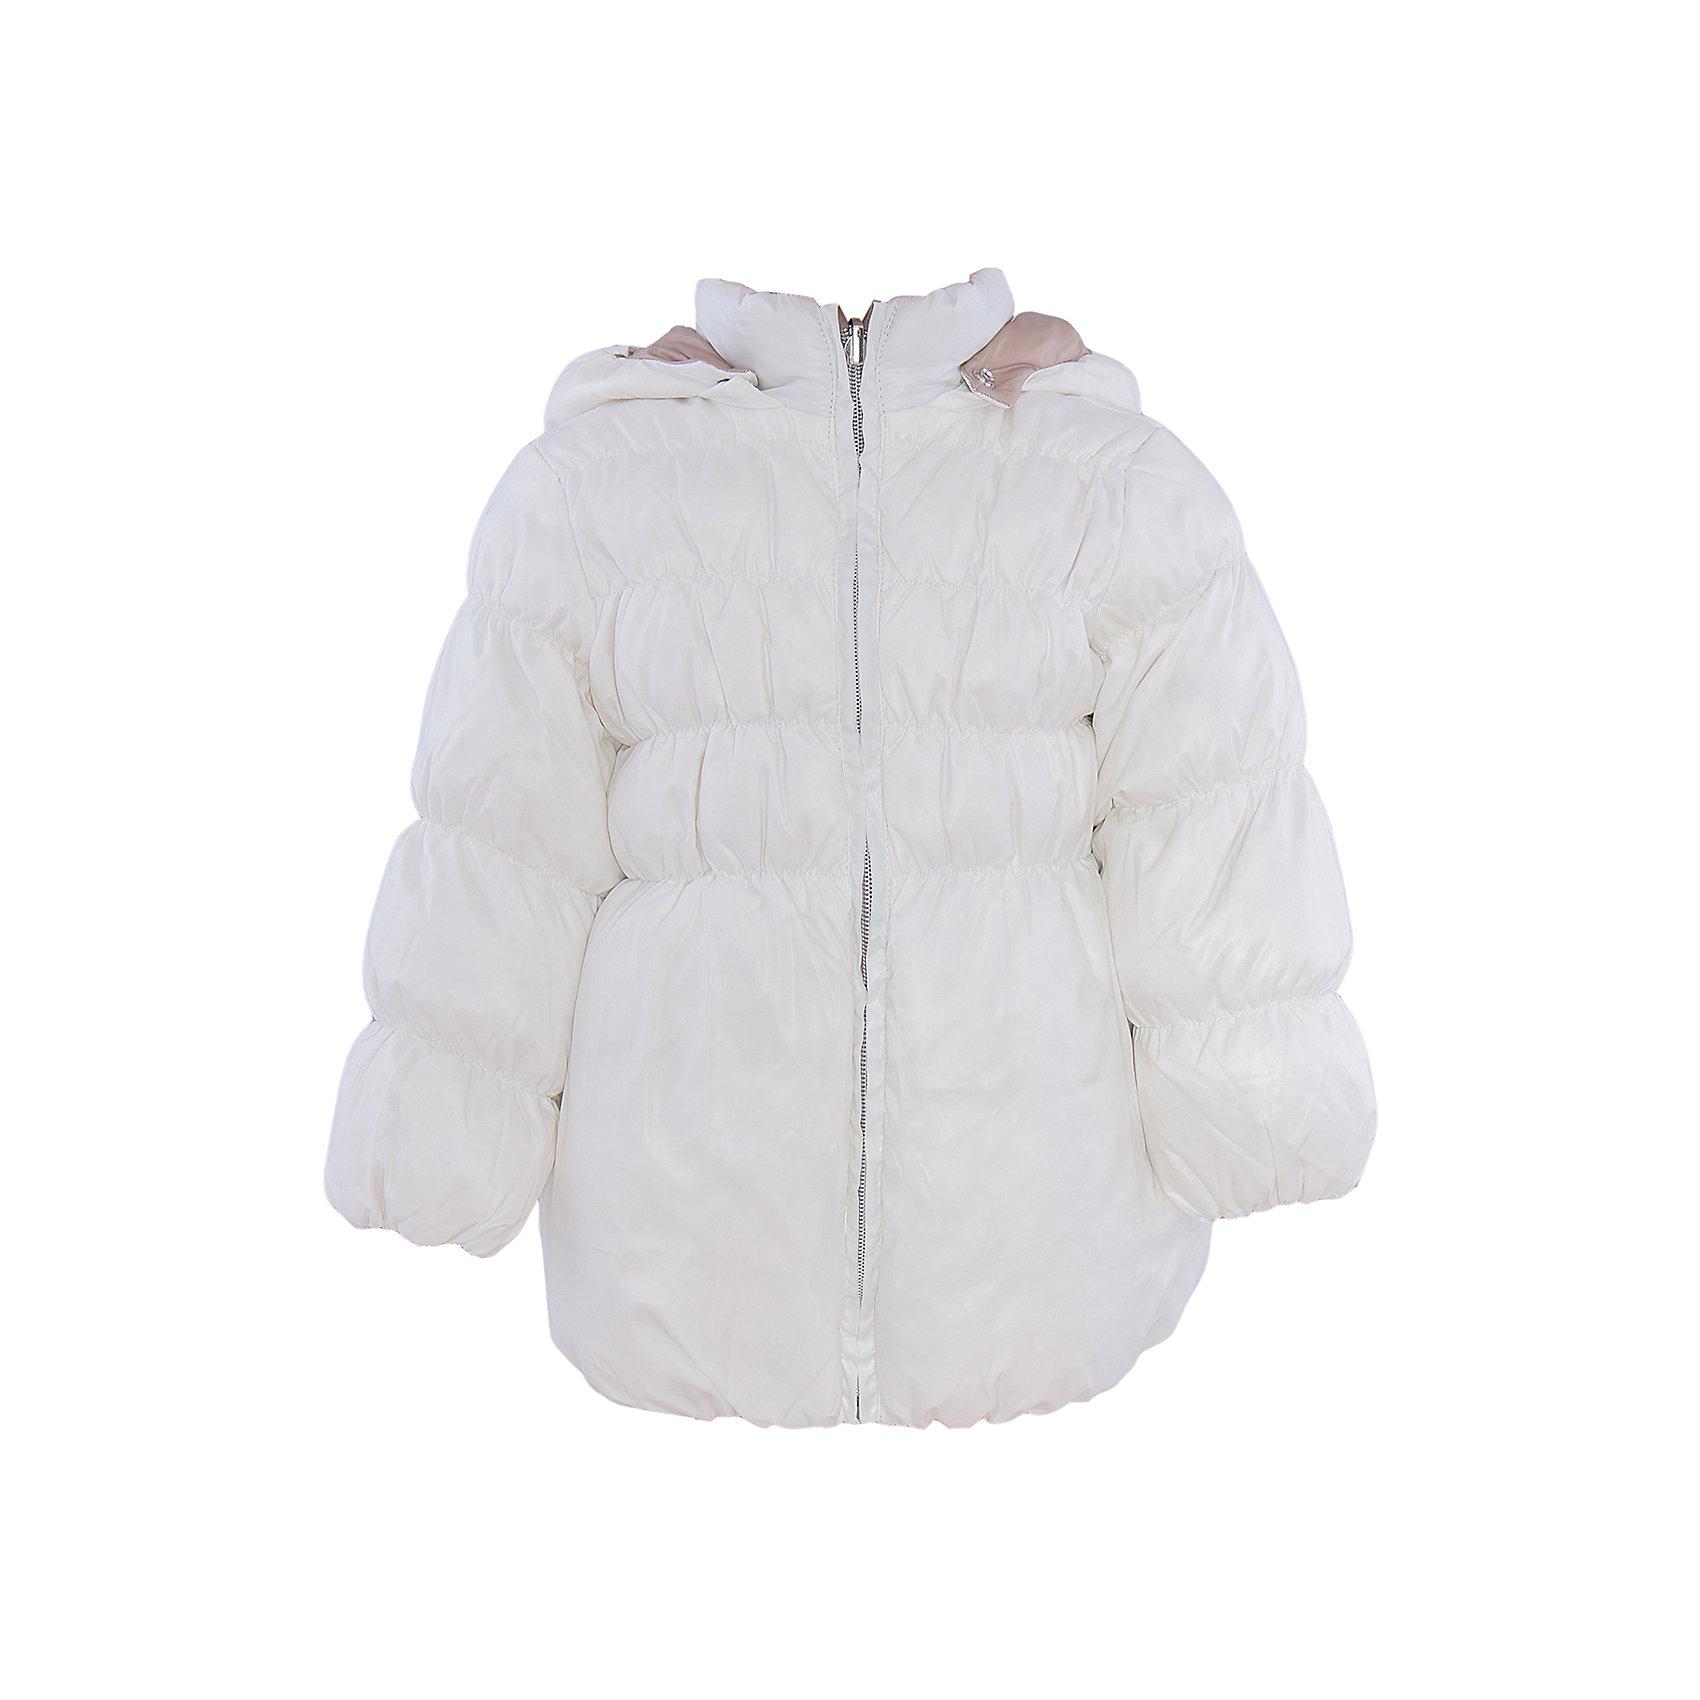 Куртка   для девочки CHICCOВерхняя одежда<br>Куртка CHICCO для девочки<br><br>Характеристики:<br><br>Фактура материала: стеганый трикотаж<br>Вид застежки: молния<br>Силуэт: приталенный<br>Длина рукава: длинные<br>Тип карманов: без карманов<br><br>Состав: 100% полиэстер<br><br>Куртку CHICCO для девочки можно купить в нашем интернет-магазине.<br><br>Ширина мм: 356<br>Глубина мм: 10<br>Высота мм: 245<br>Вес г: 519<br>Цвет: бежевый<br>Возраст от месяцев: 84<br>Возраст до месяцев: 96<br>Пол: Женский<br>Возраст: Детский<br>Размер: 128,92,98,104,110,116,122<br>SKU: 5079421